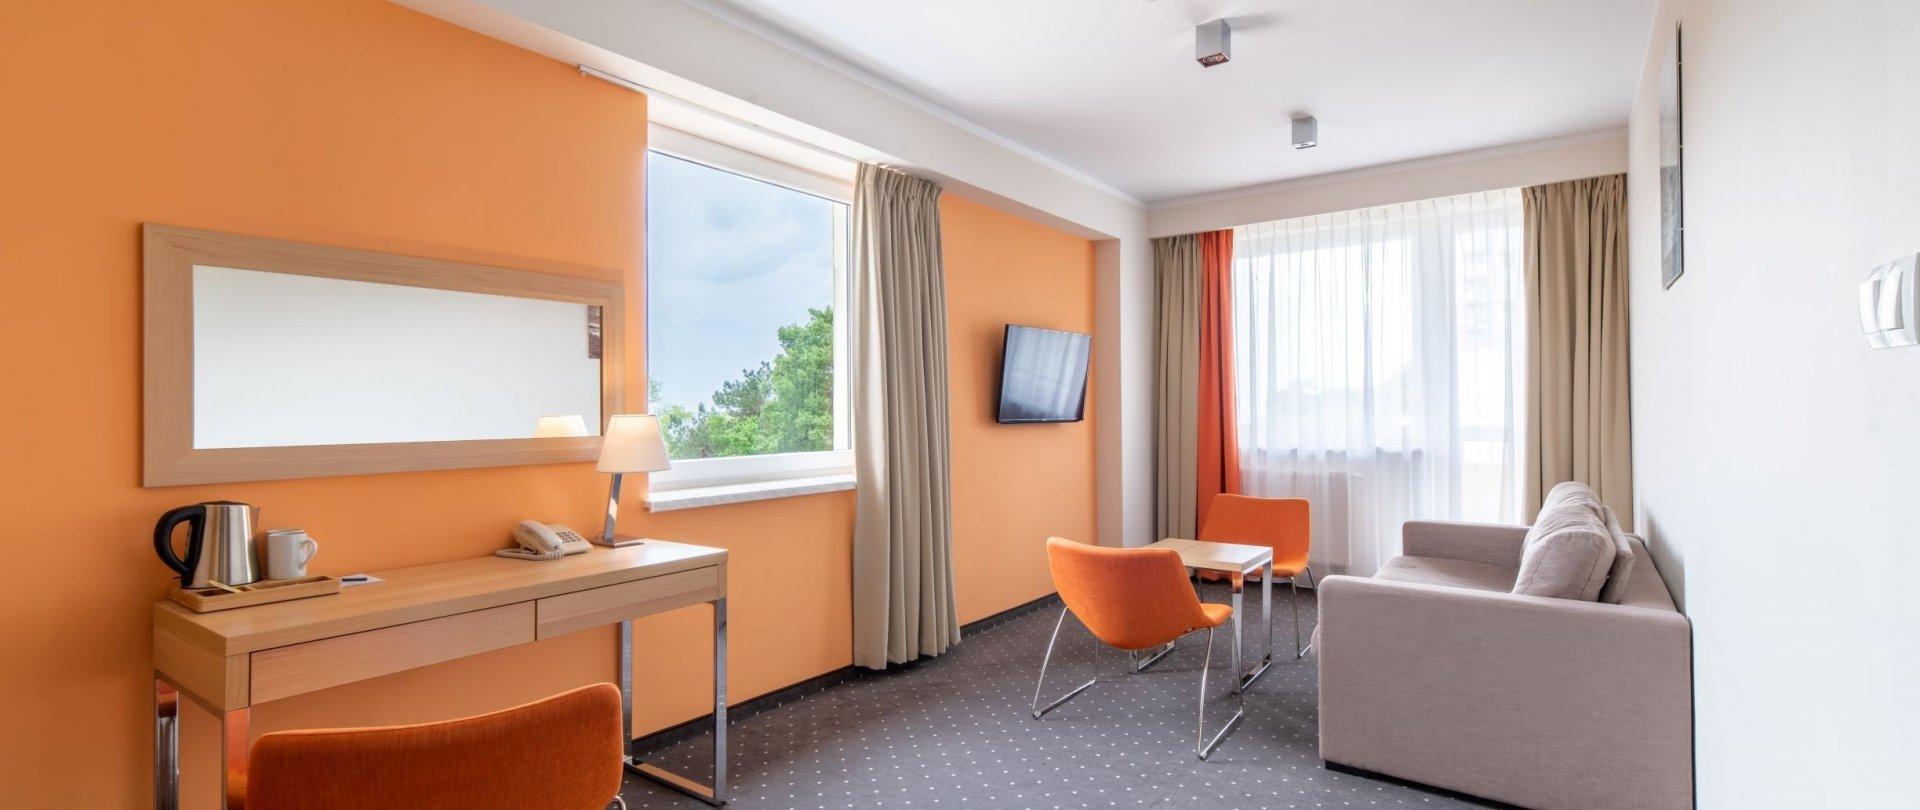 Vierbettzimmer Appartement Standard